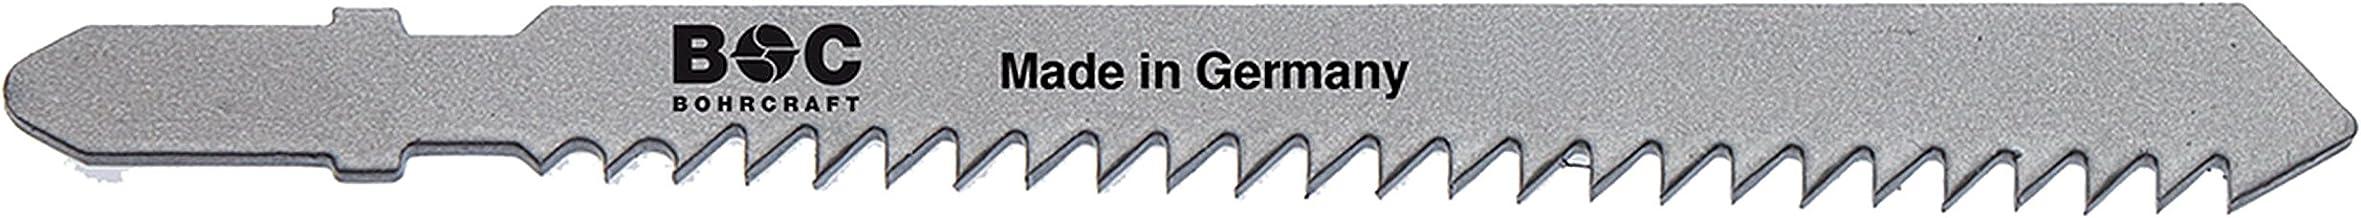 Bohrcraft–Sierra de calar CV, dientes triscado, ZT 3x 75mm Longitud en 25Ondulado BC Caja de plástico, 1pieza, 19610300001